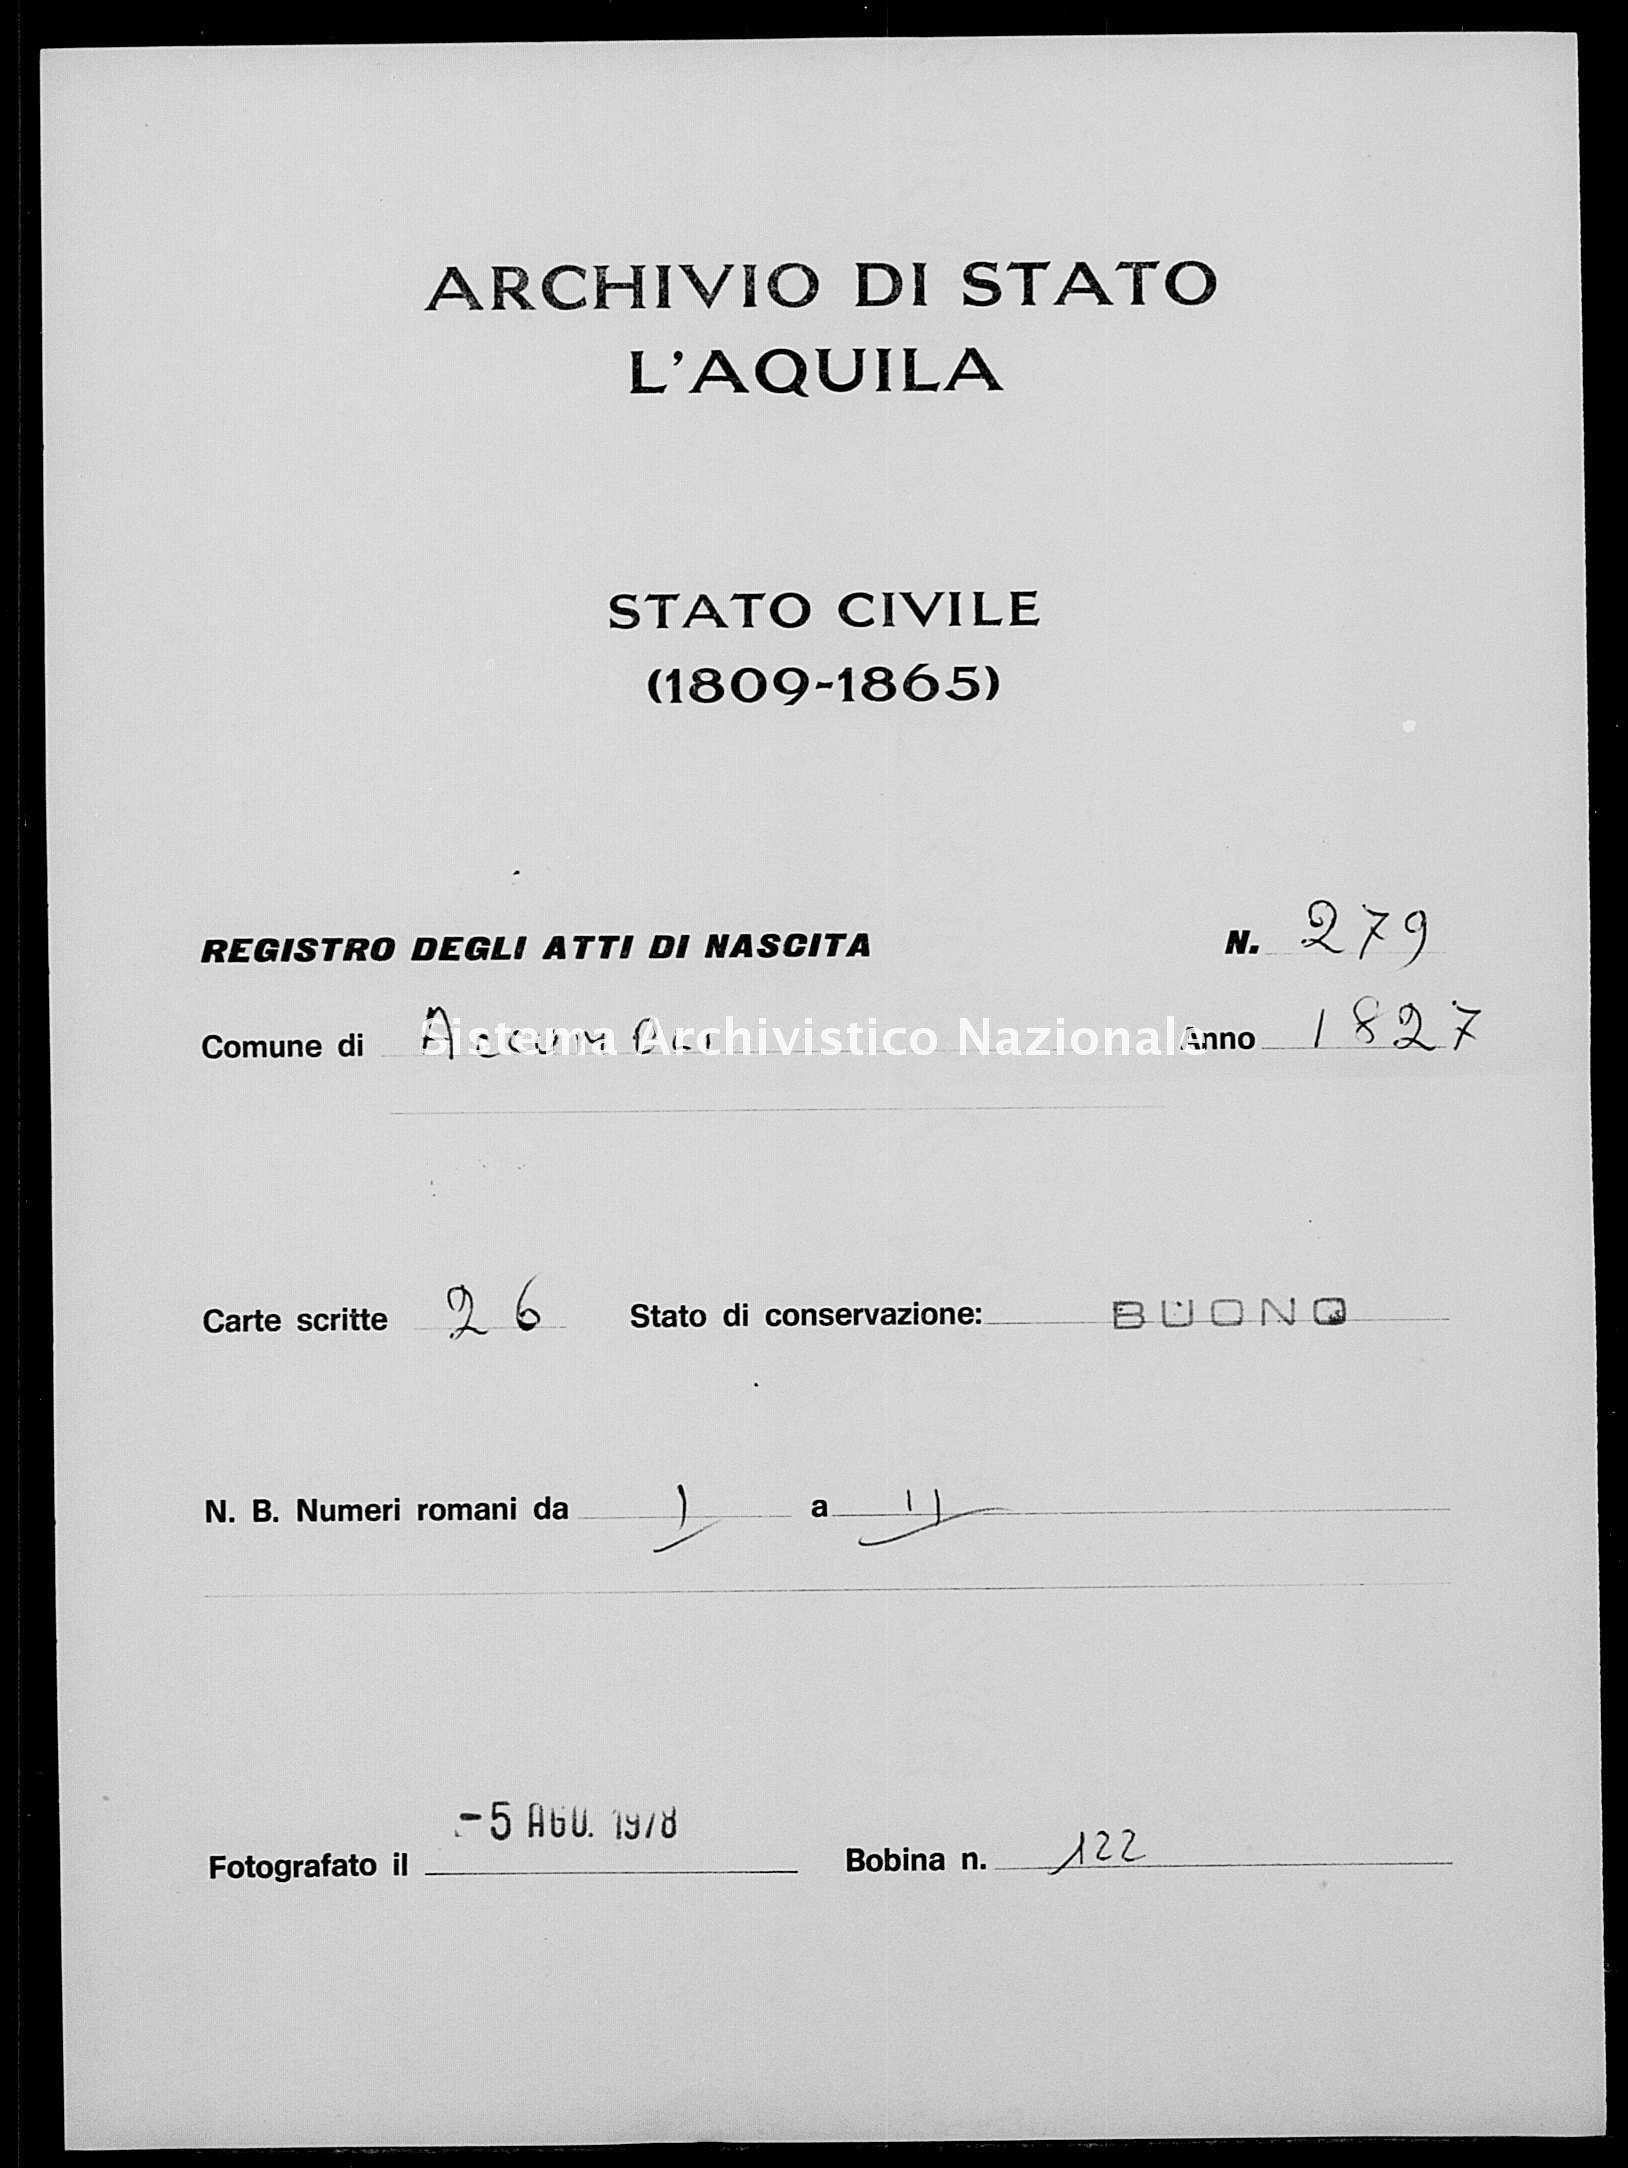 Archivio di stato di L'aquila - Stato civile della restaurazione - Accumoli - Nati - 1827 - 279 -